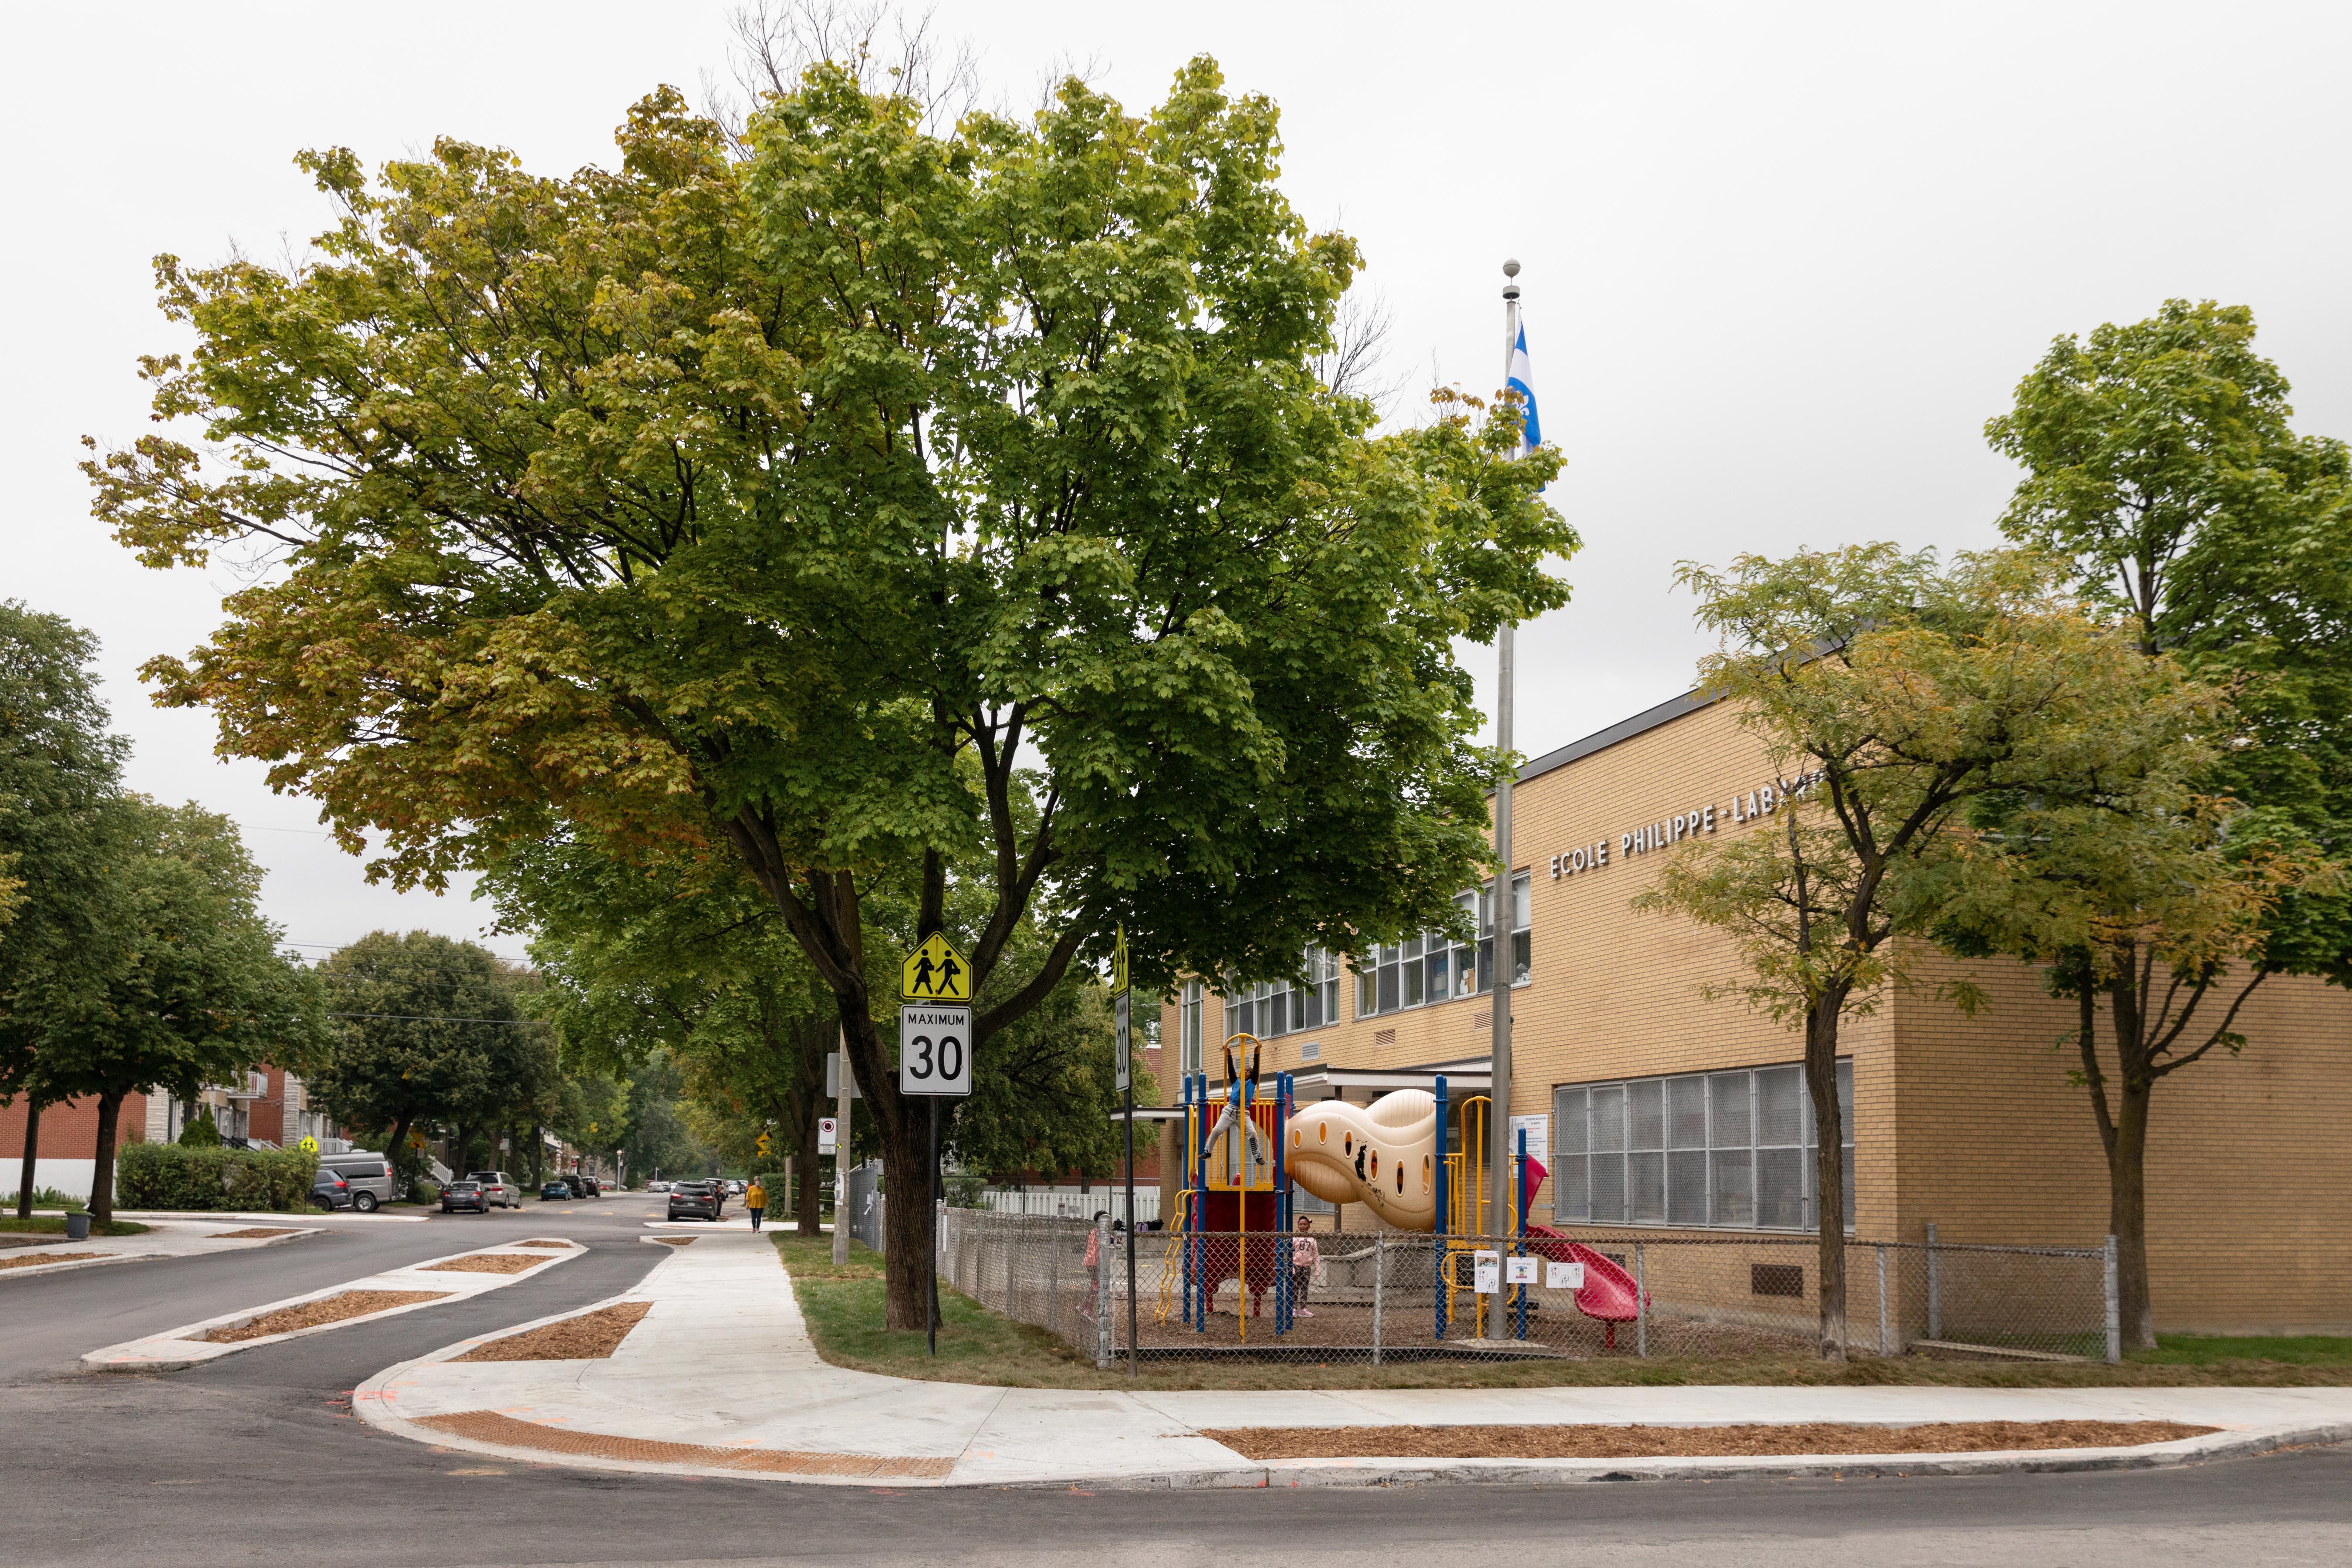 Sécurisation aux abords d'une école